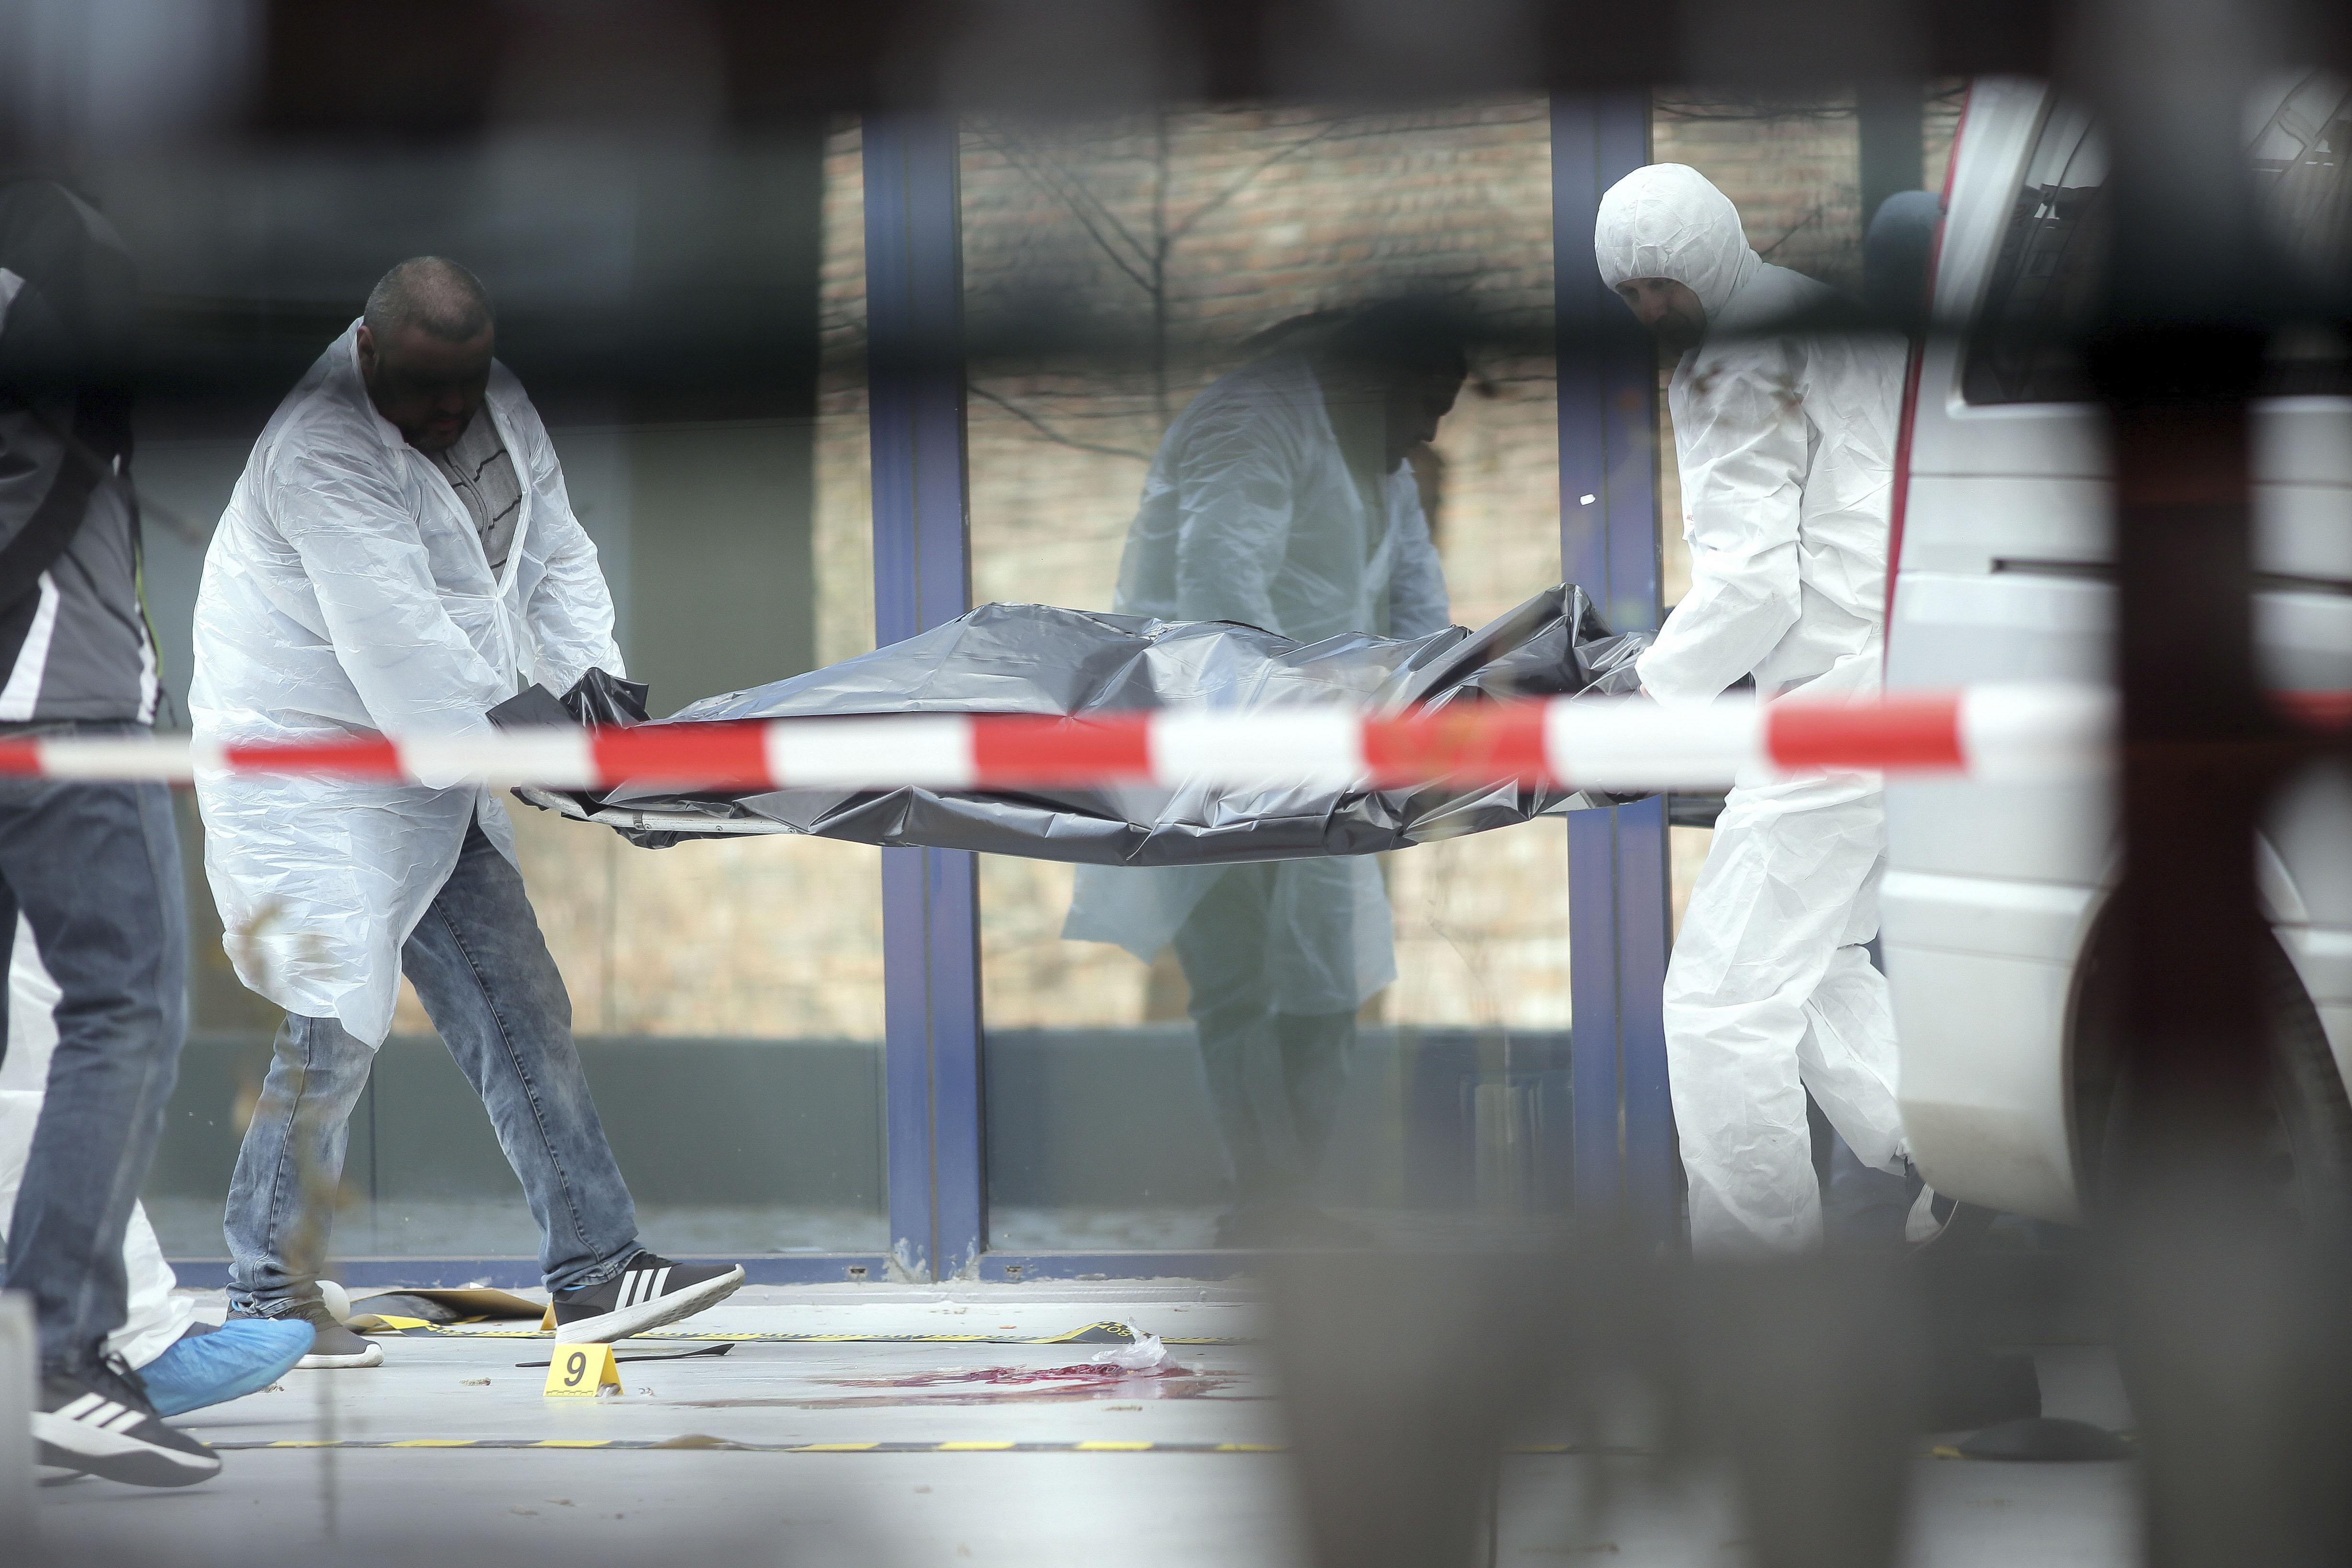 Sinucidere șocantă în Timișoara. A fugit gol de acasă în toiul nopții, a intrat într-un bloc și s-a aruncat de la etajul 6